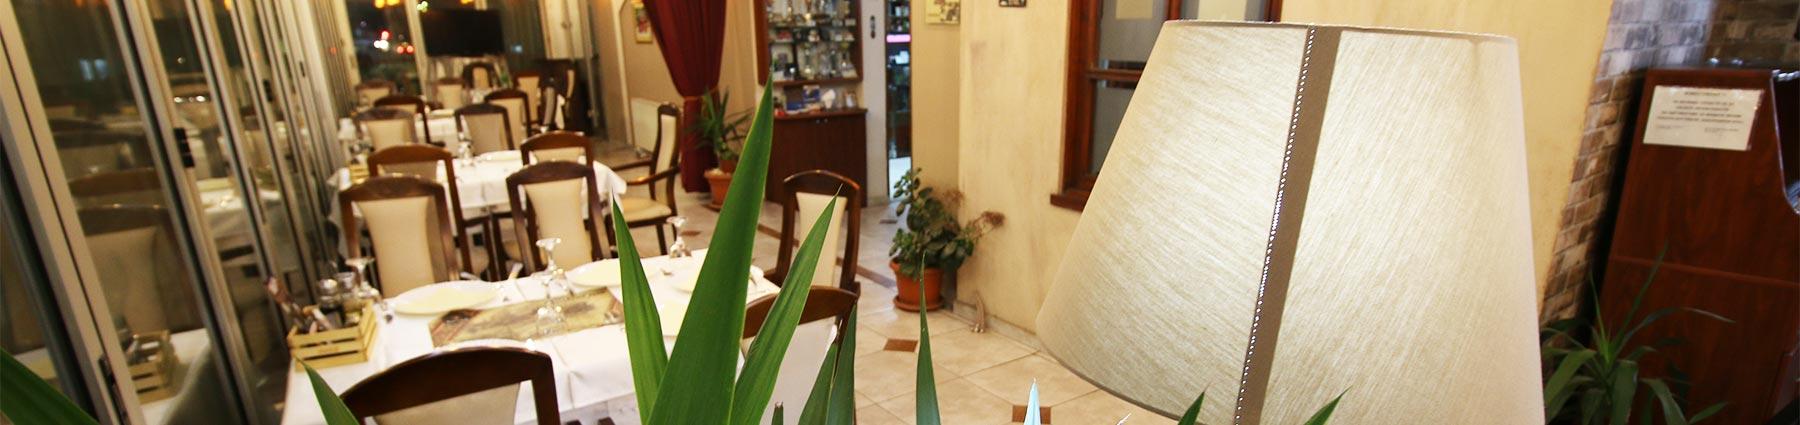 Restaurant  Roma-Parigi